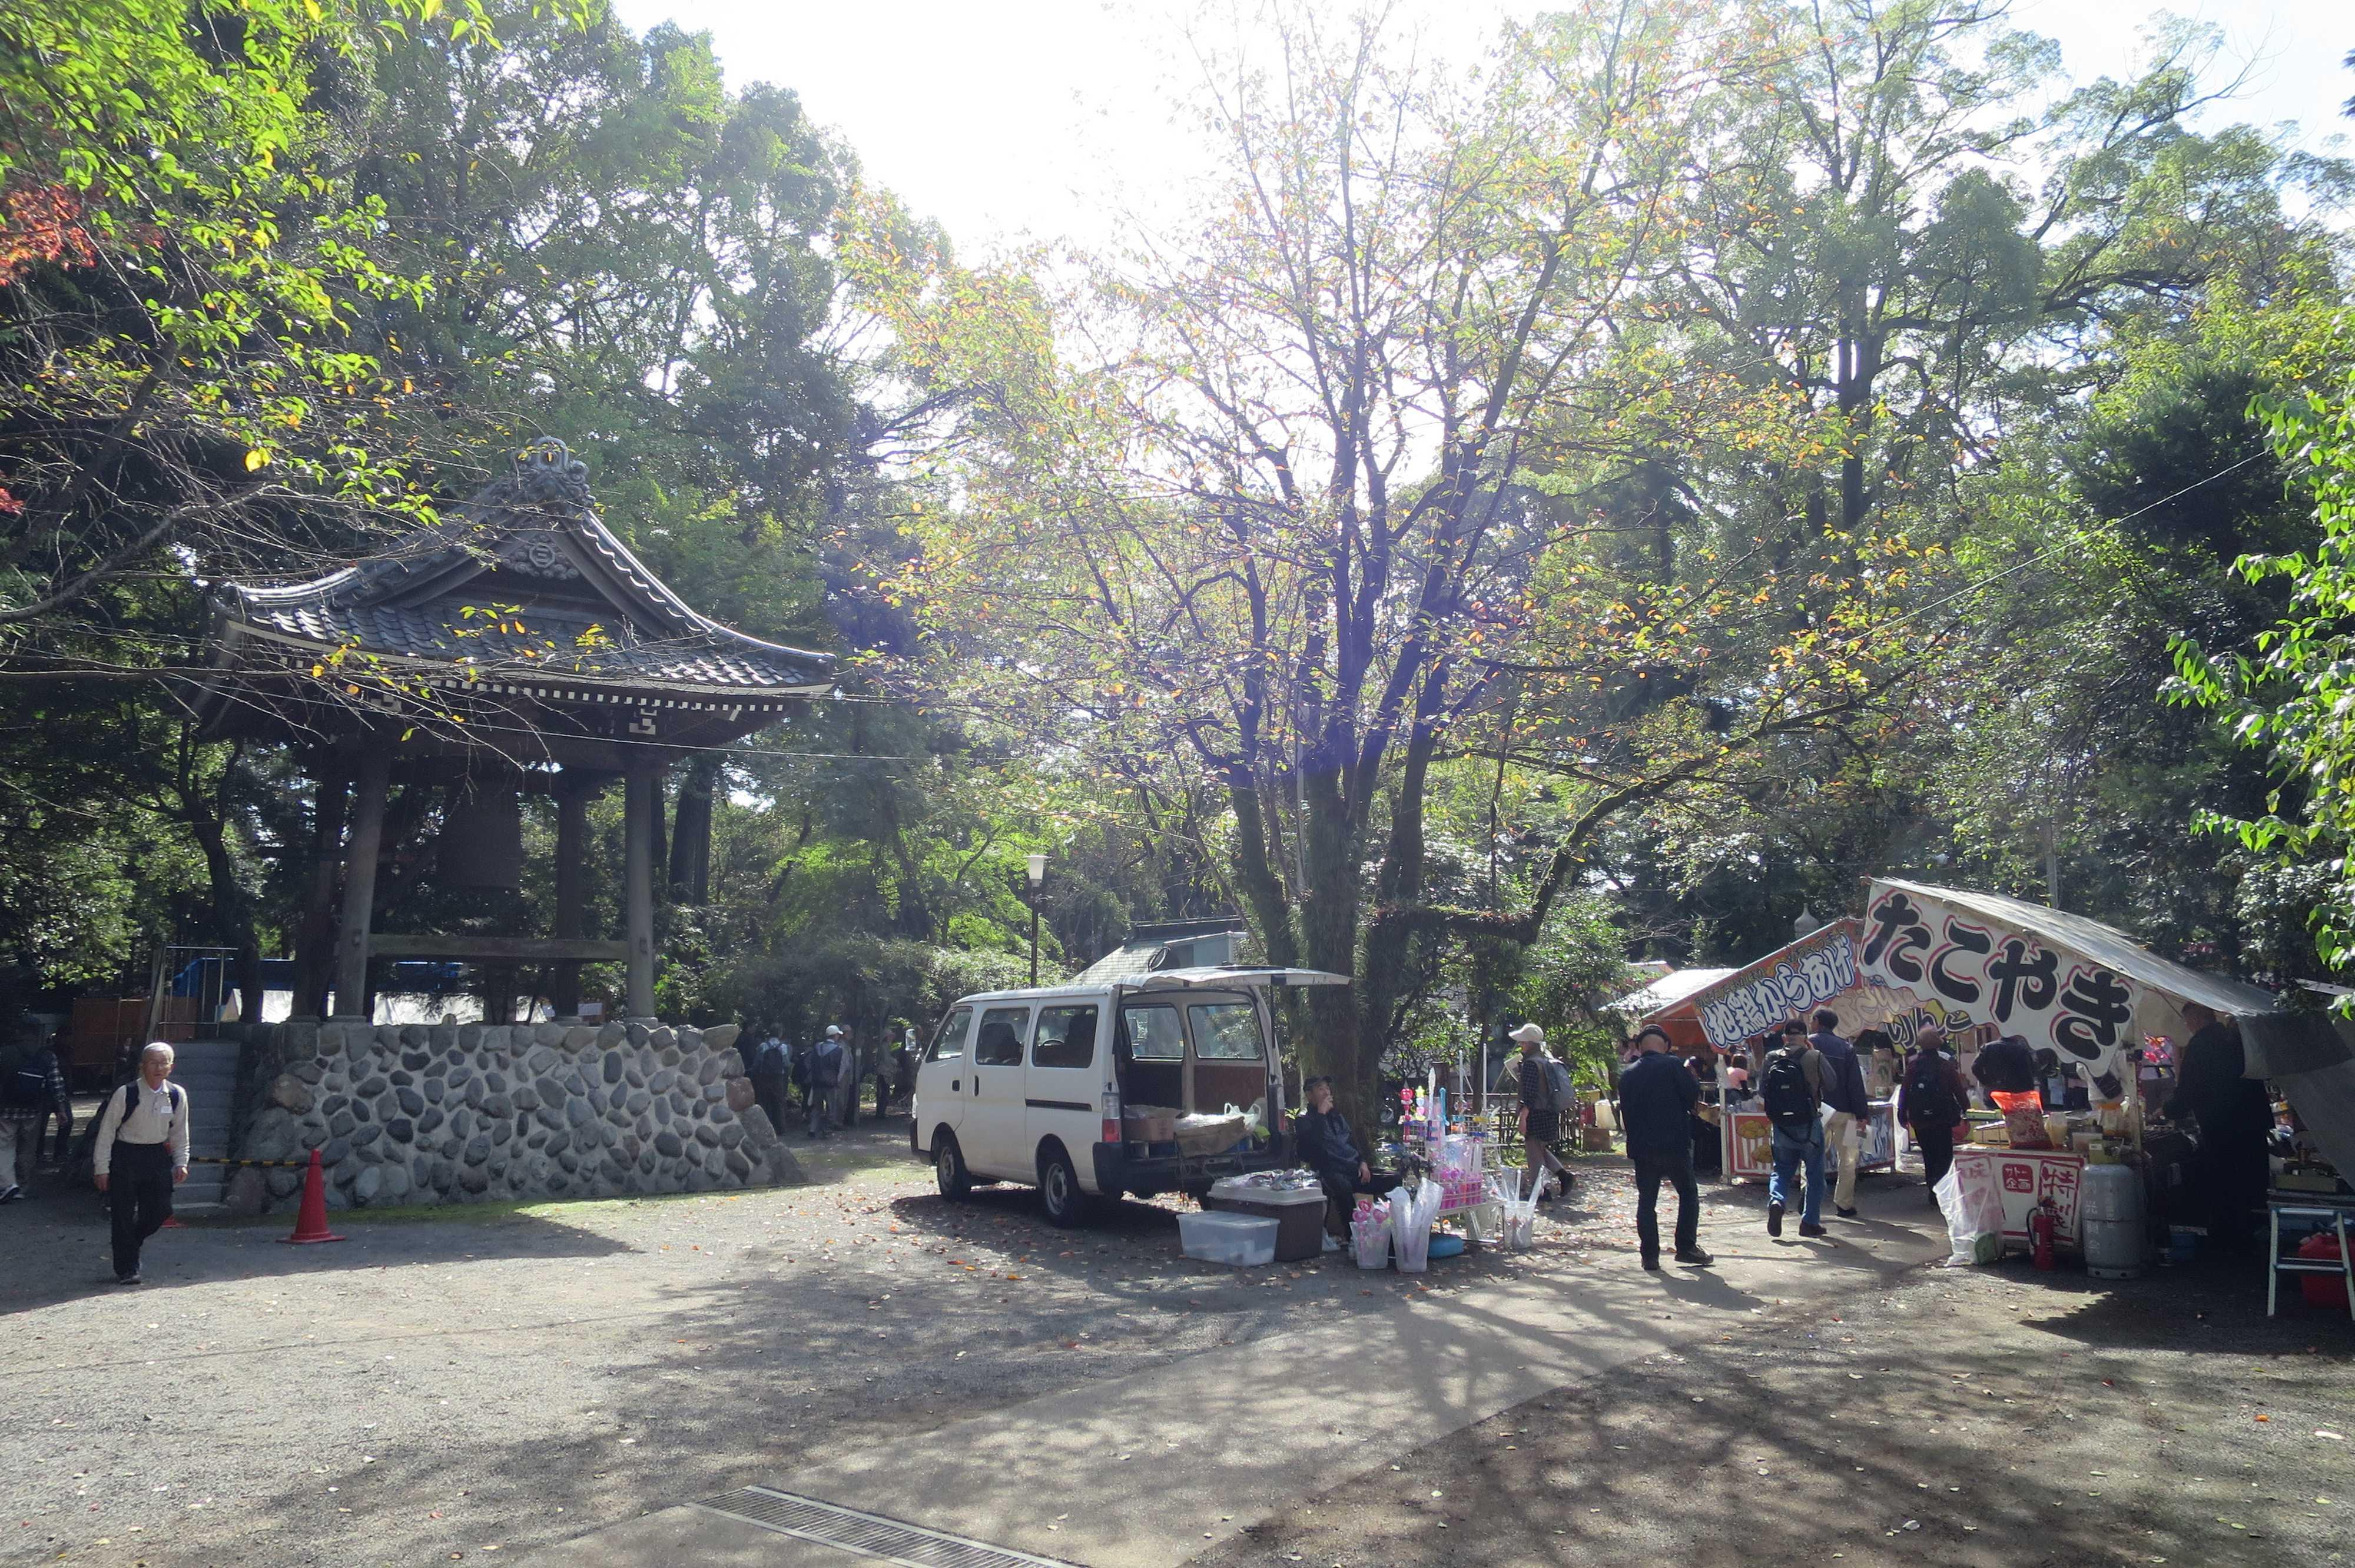 無量光寺 - 縁日の屋台